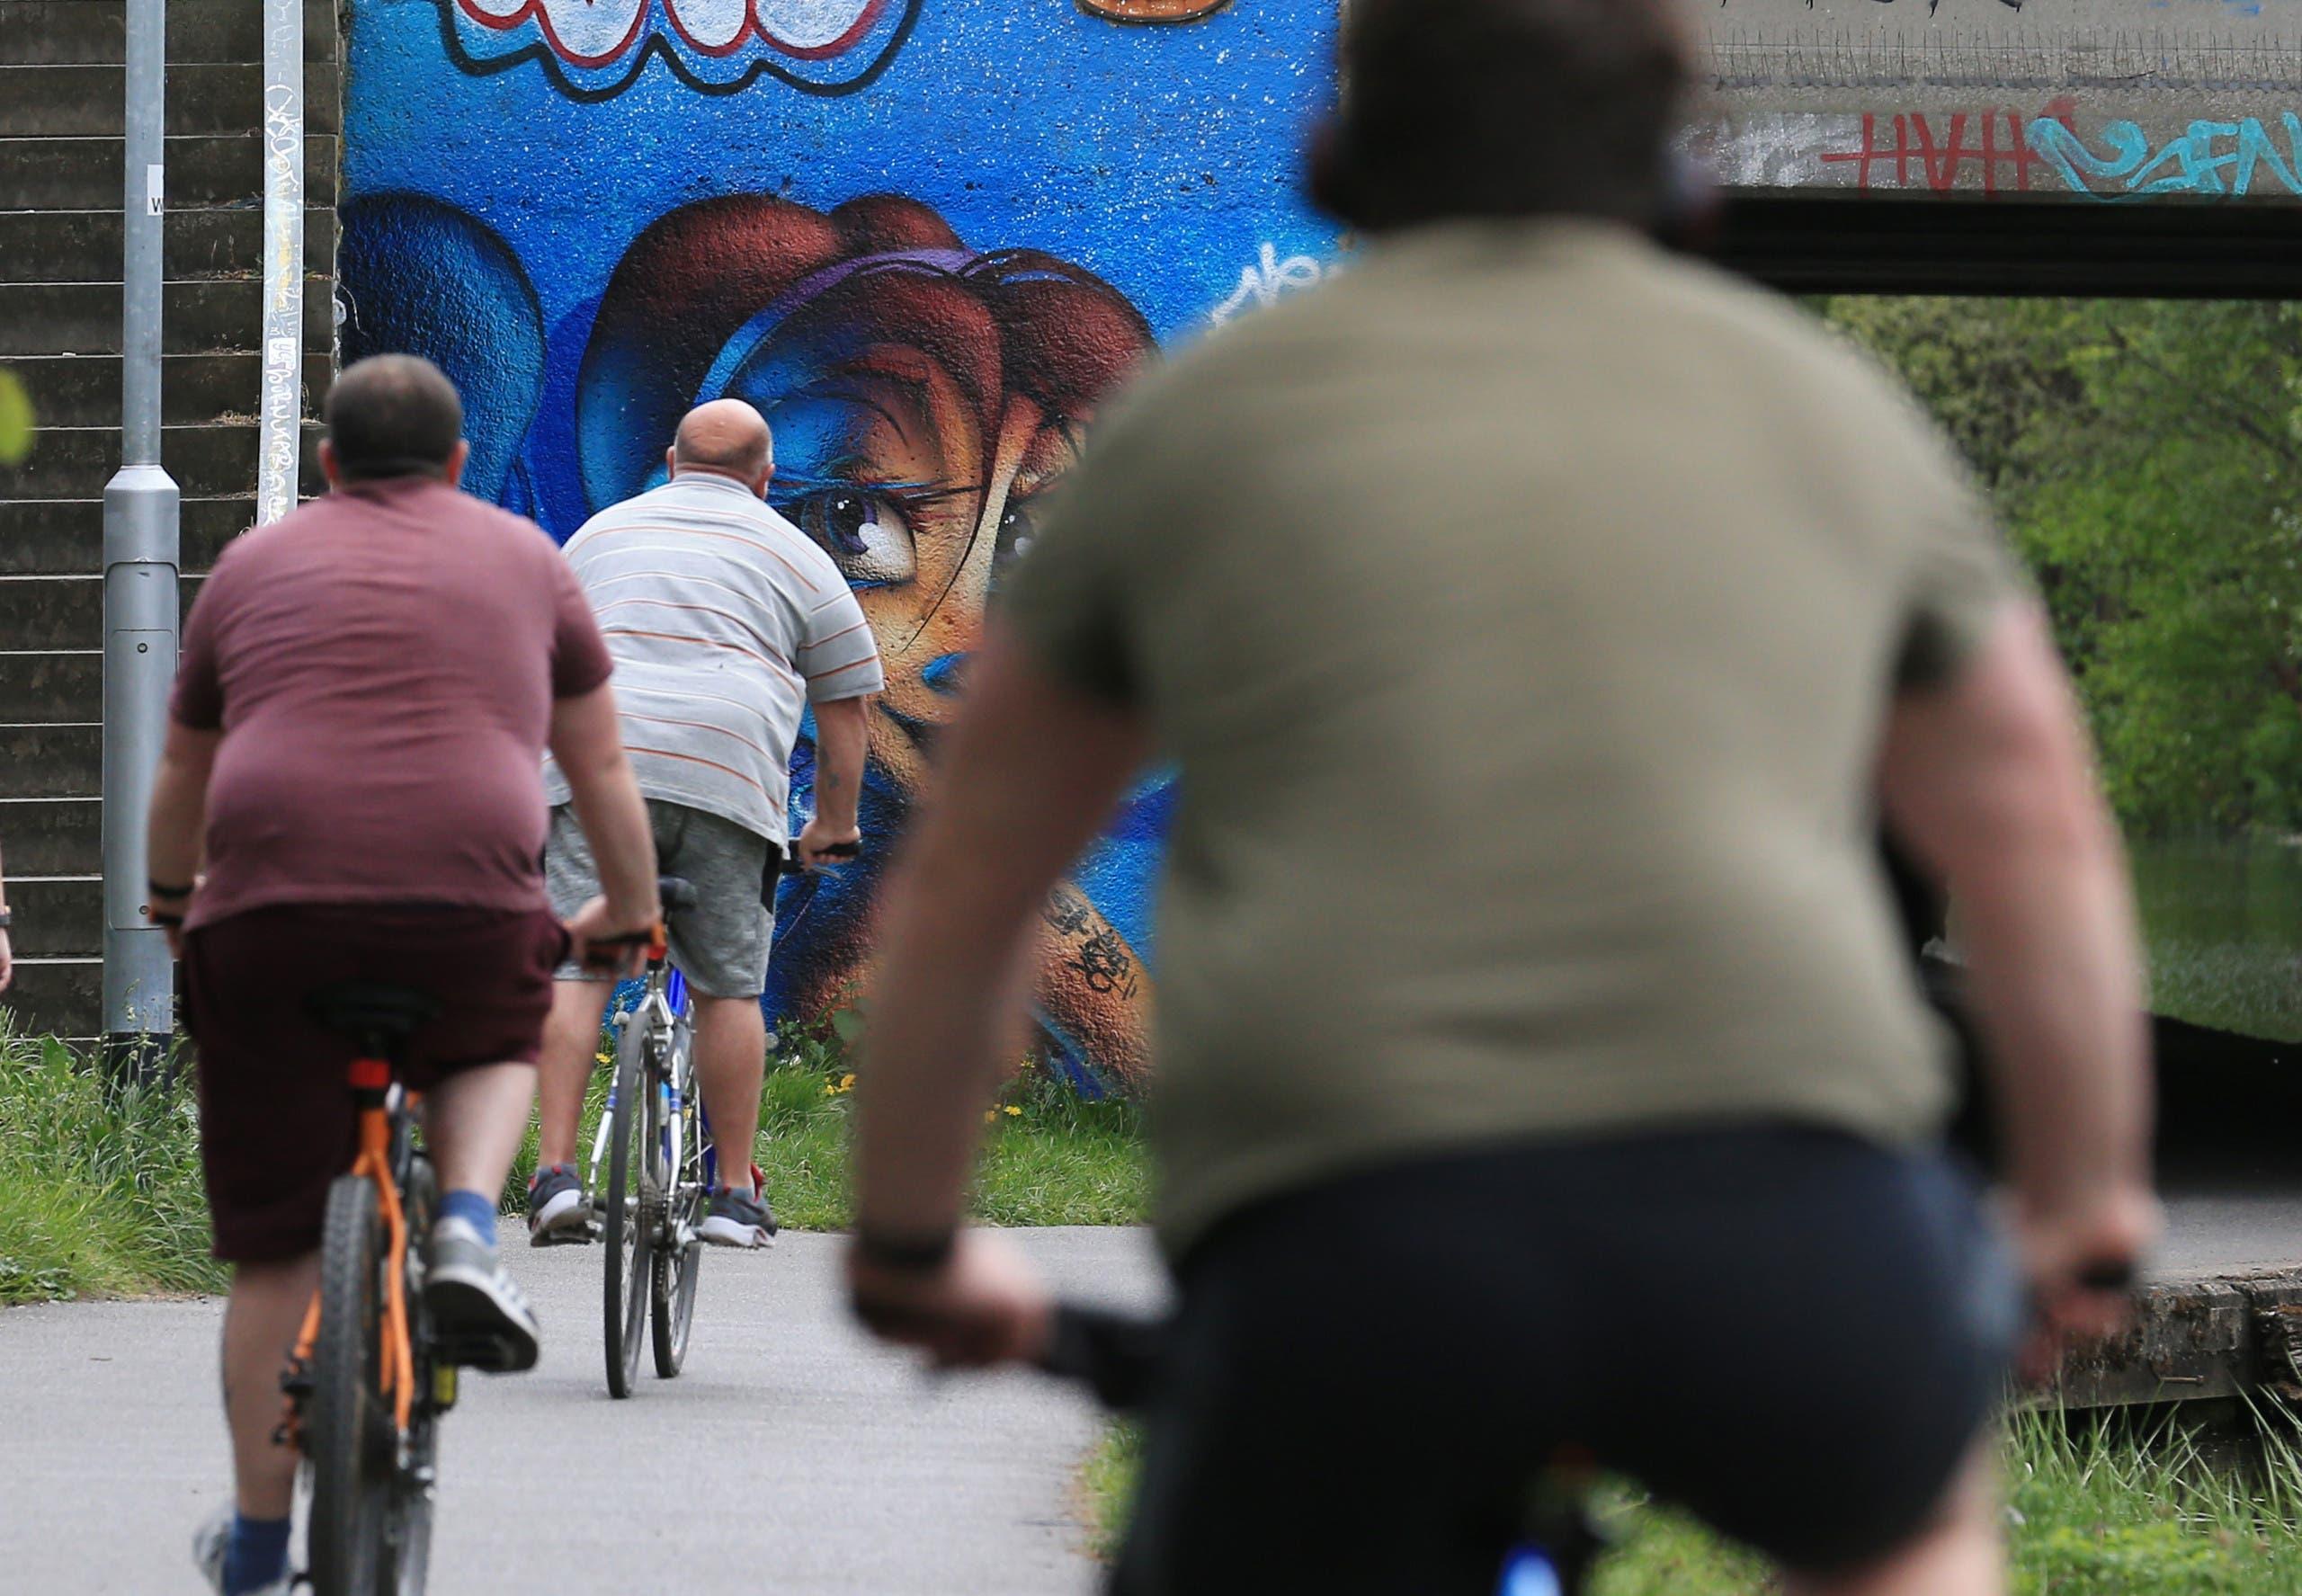 رجال يعانون من البدانة يماسرون ركوب الدراجات خلال الإغلاق في مايو الماضي في انكلترا